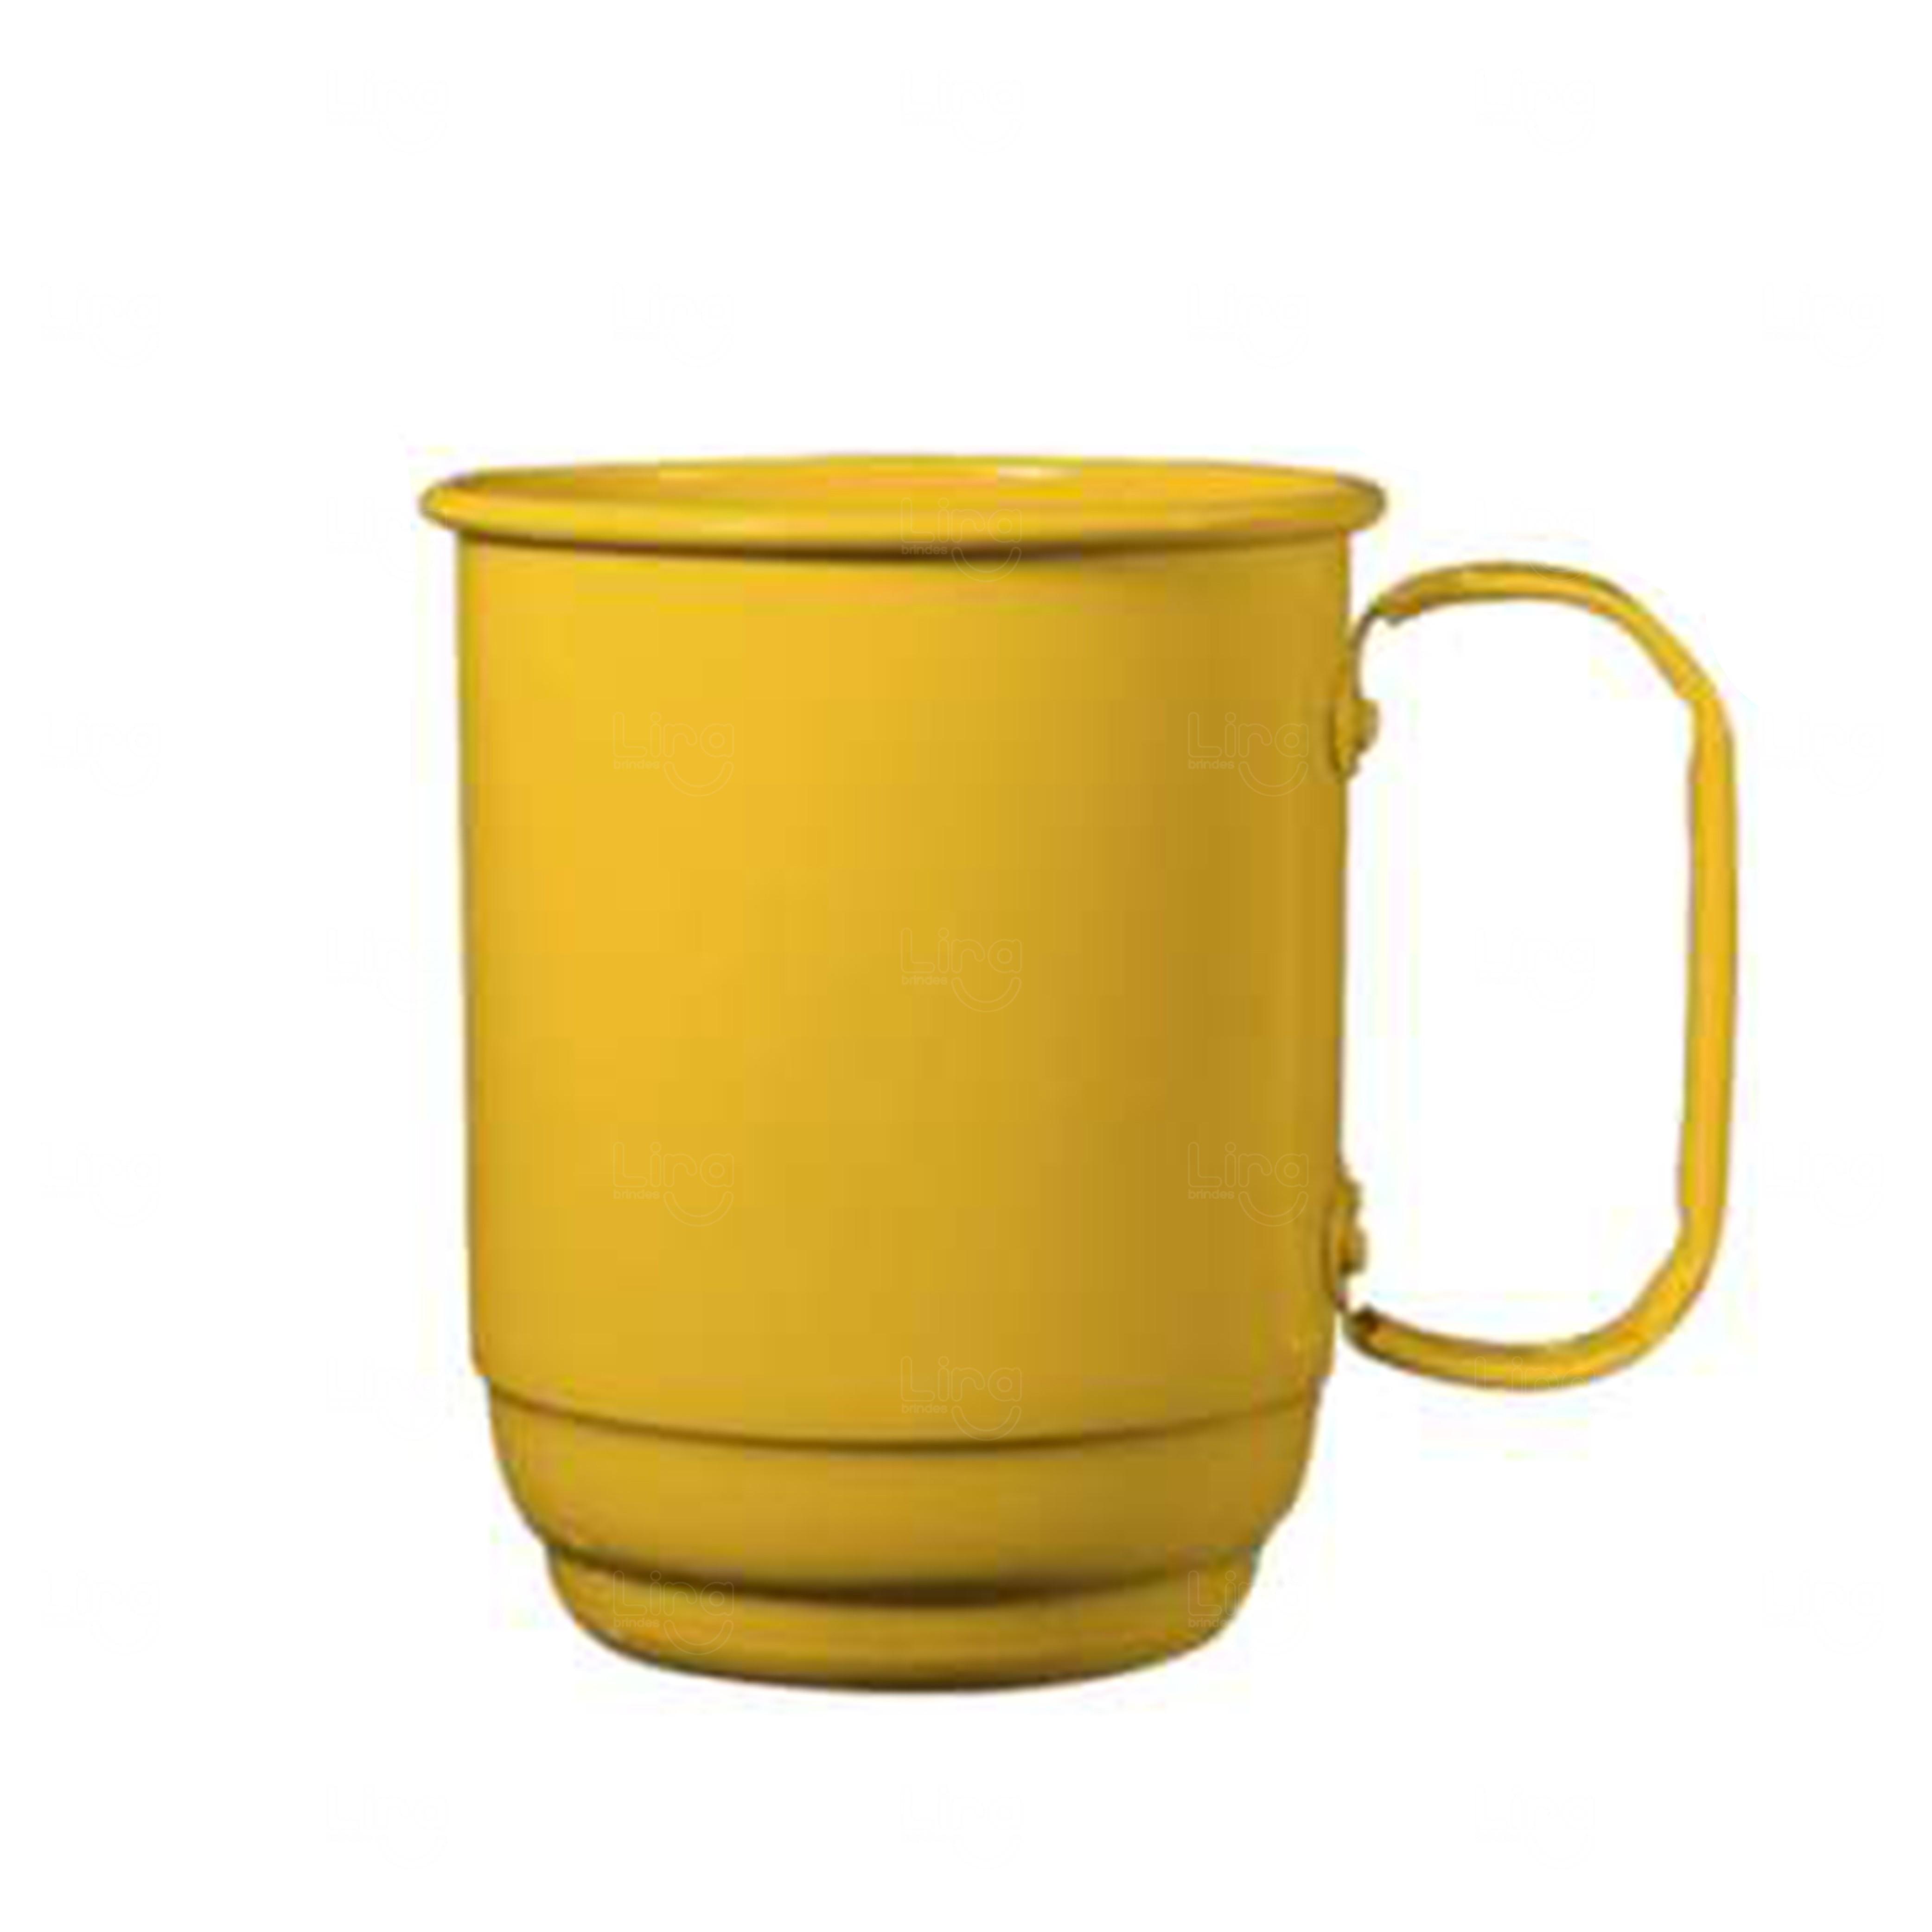 Caneca Alumínio Personalizada - 500 ml Amarelo